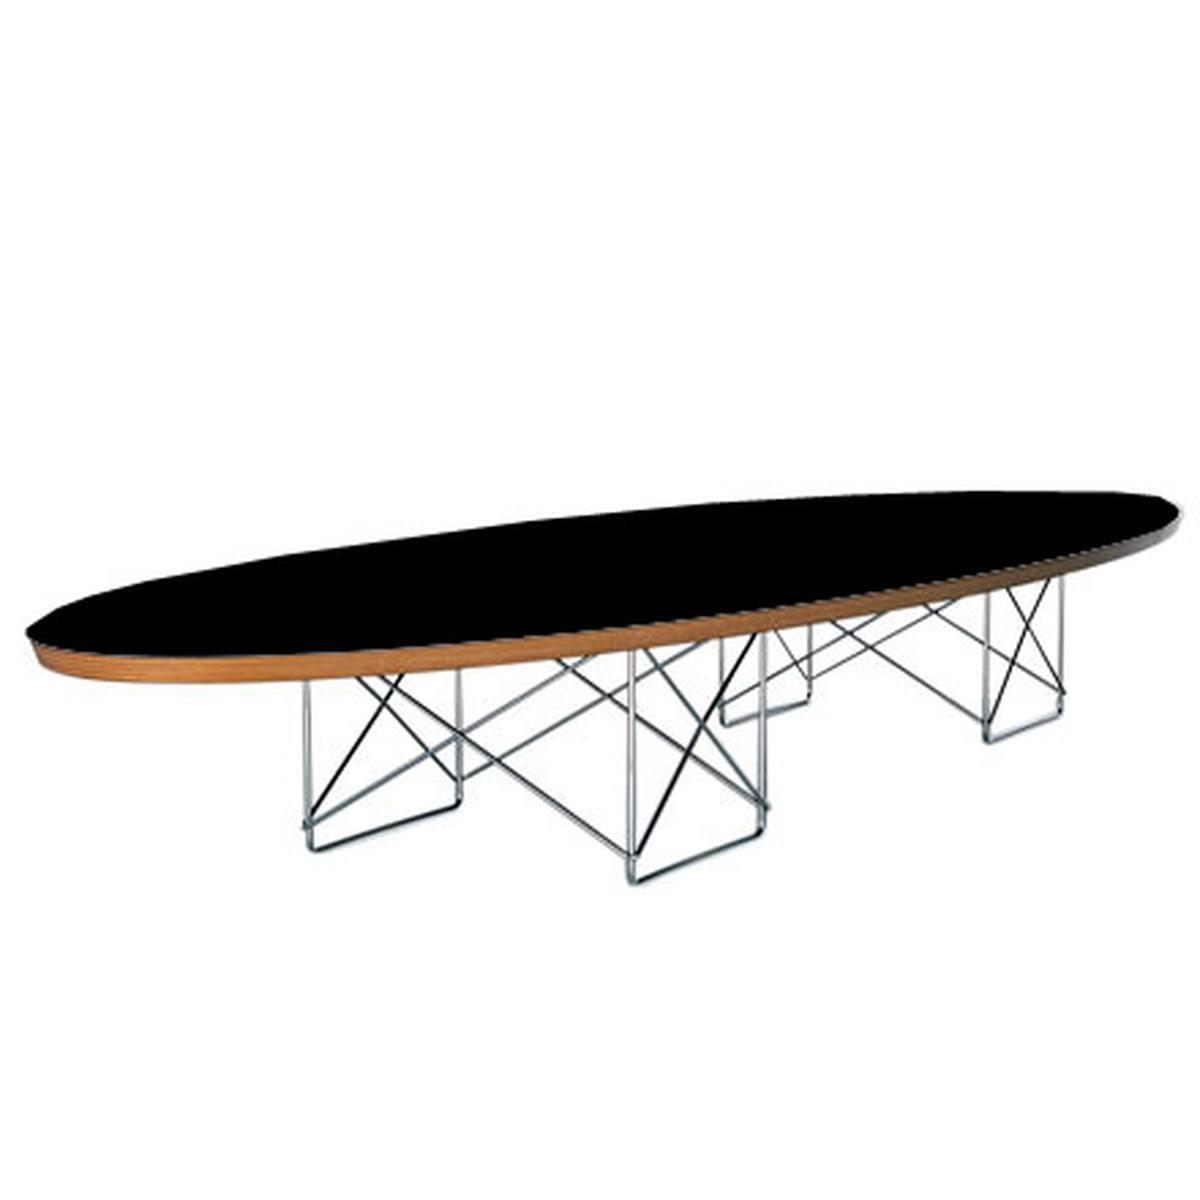 Tableau elliptique etr vitra boutique for Boutique vitra